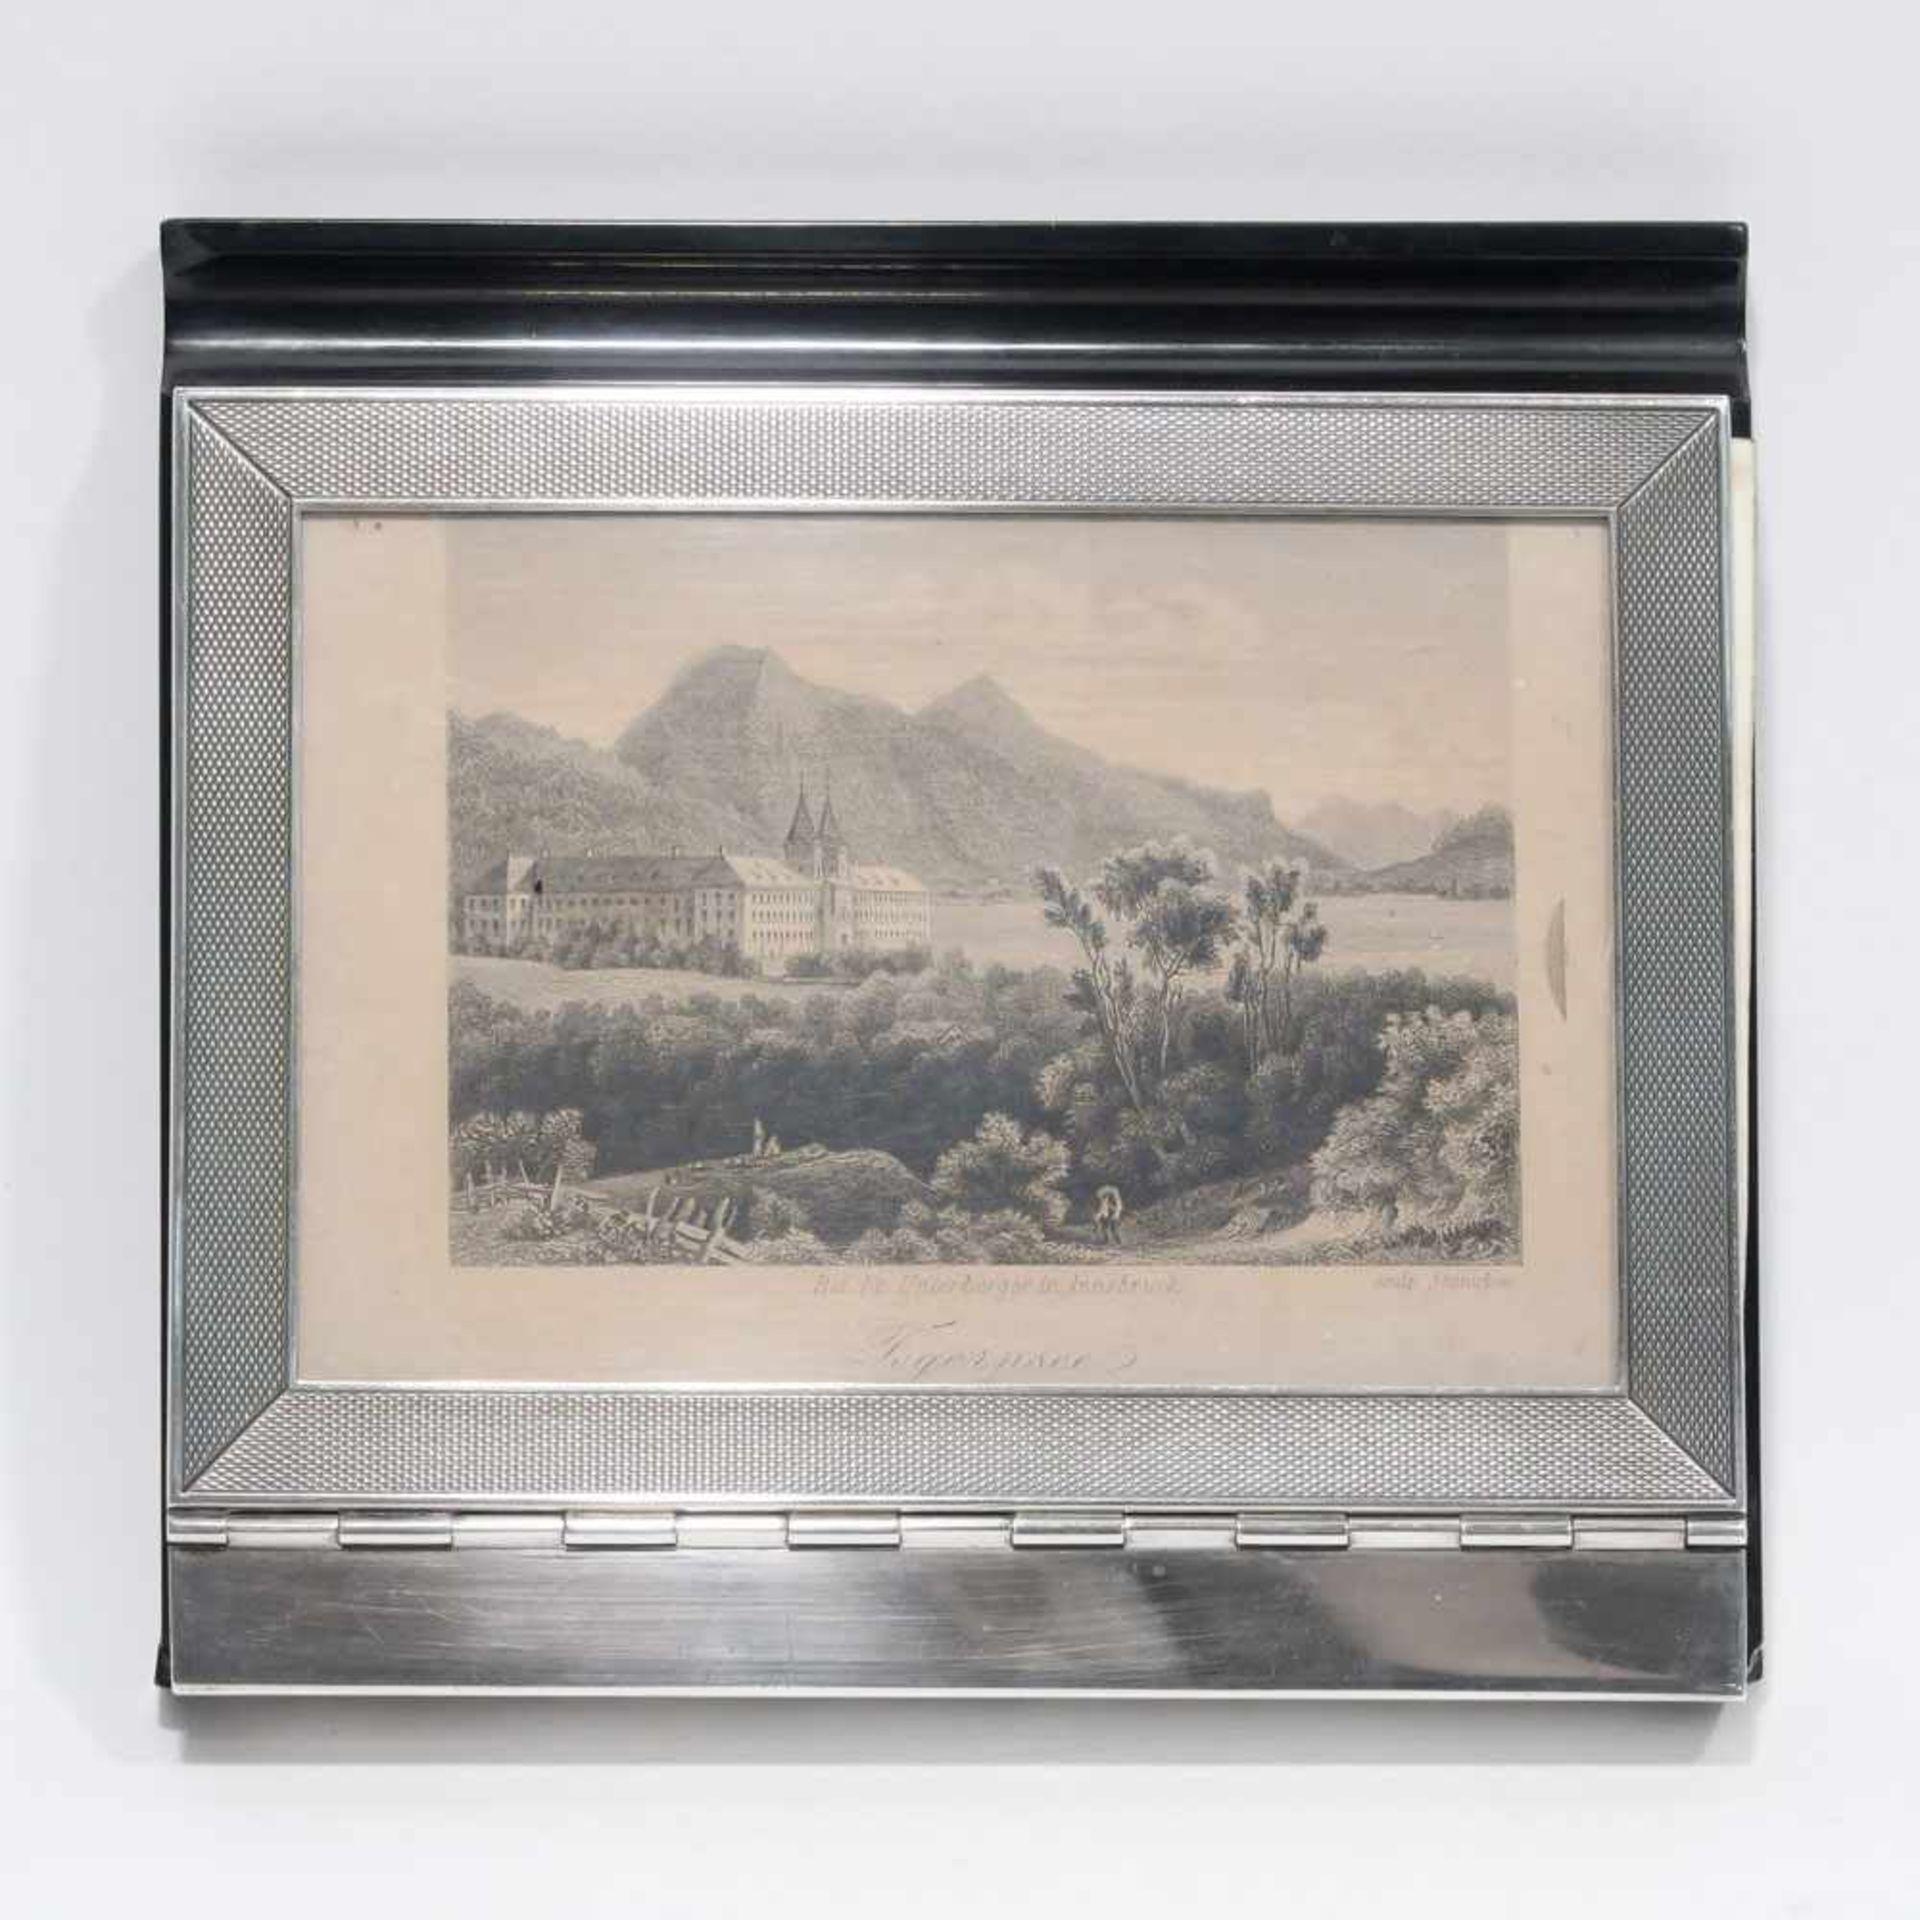 Los 27 - NotizblockhalterSilber, Bakelit u.a. Platte aus schwarzem Bakelit mit Stiftablage, Scharnierdeckel